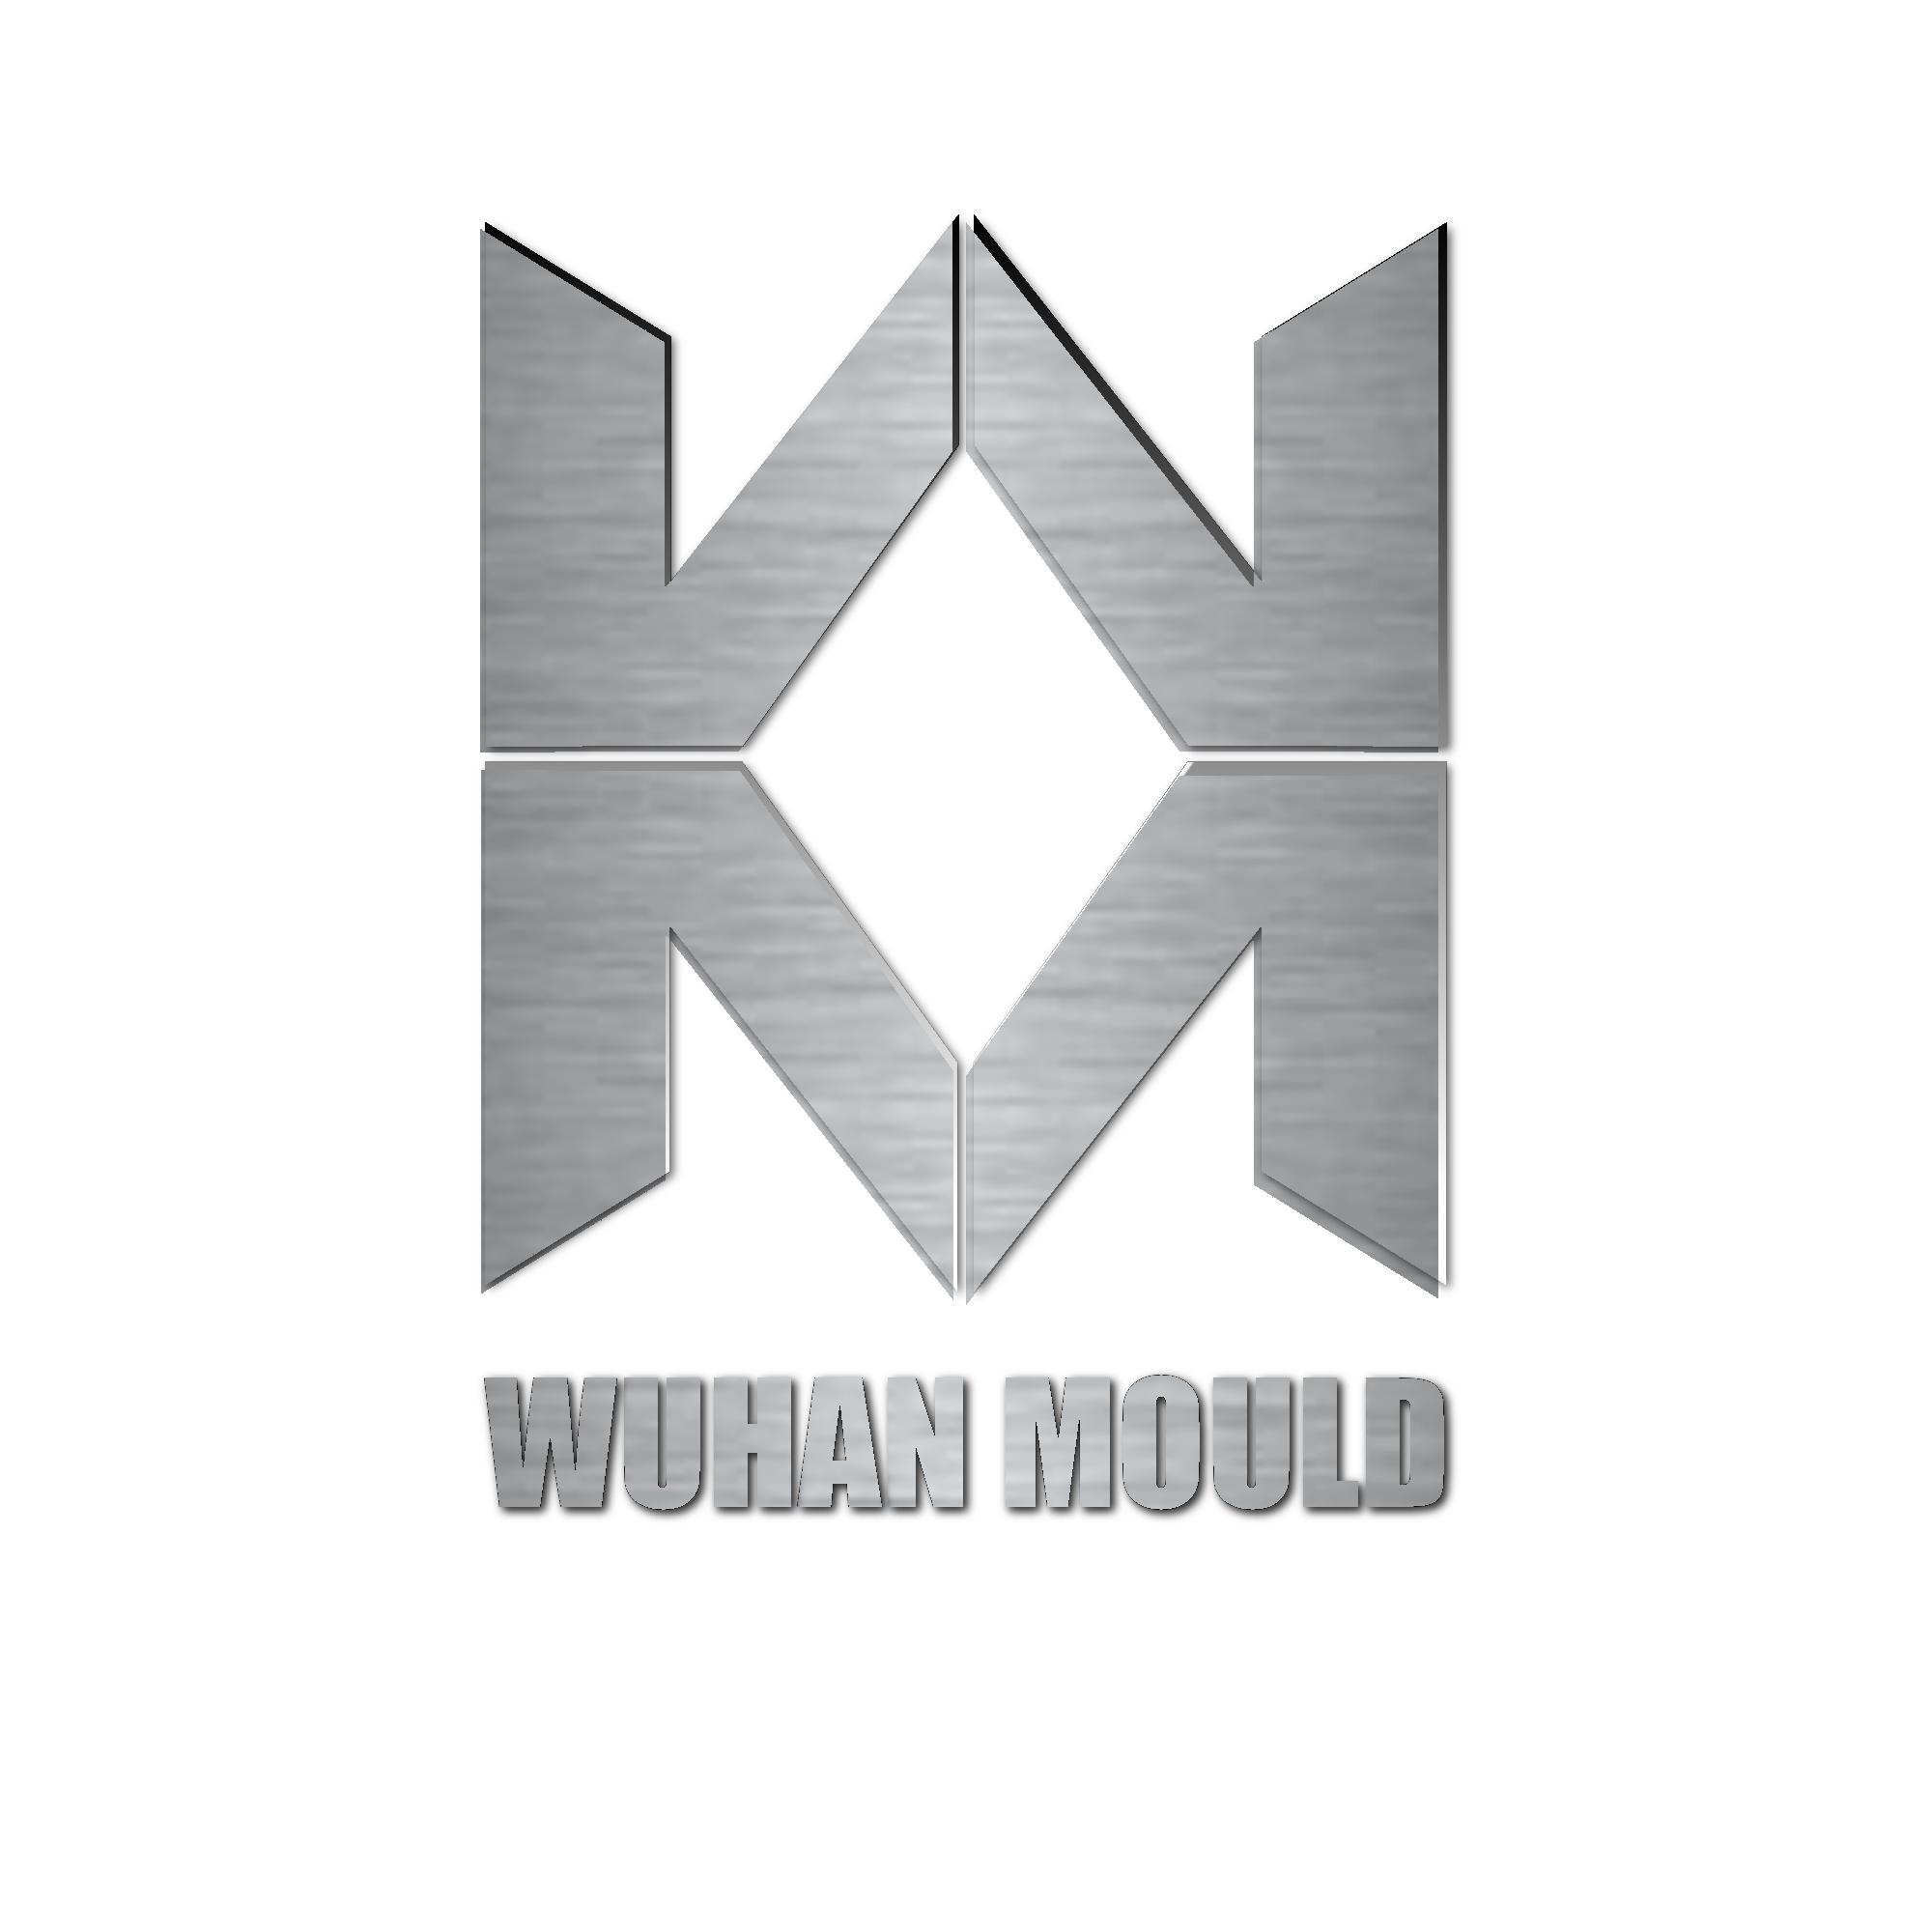 Создать логотип для фабрики пресс-форм фото f_766598aa1637d344.jpg